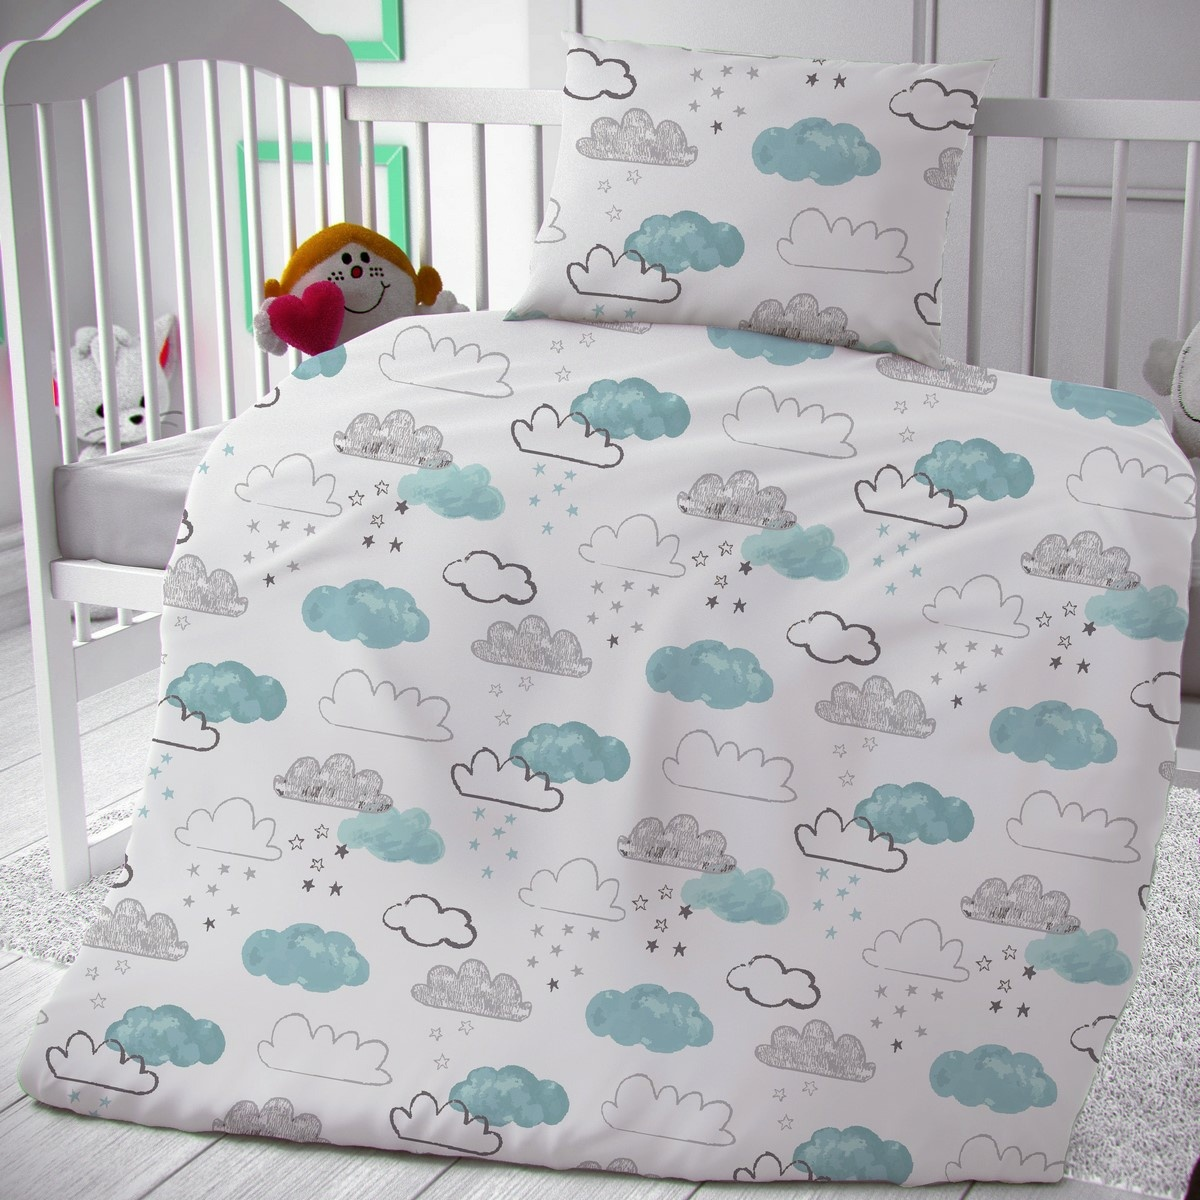 Kvalitex Detské bavlnené obliečky do postieľky Nebíčko, 90 x 135 cm, 45 x 60 cm